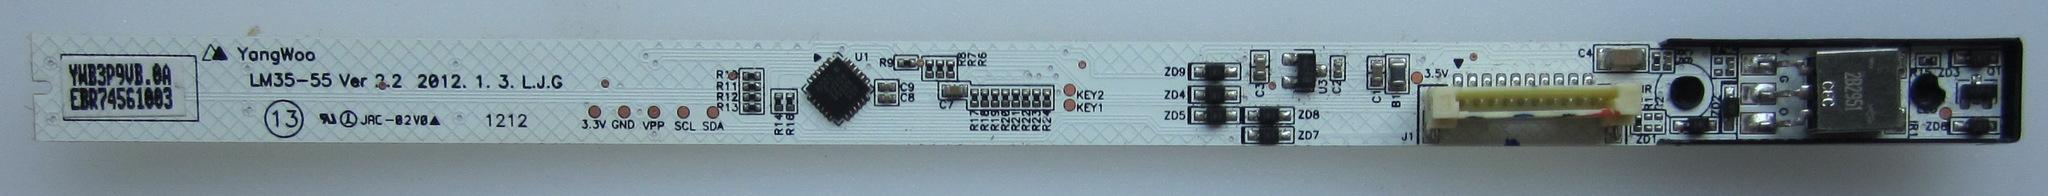 LM35-55 Ver 2.2 EBR74561003